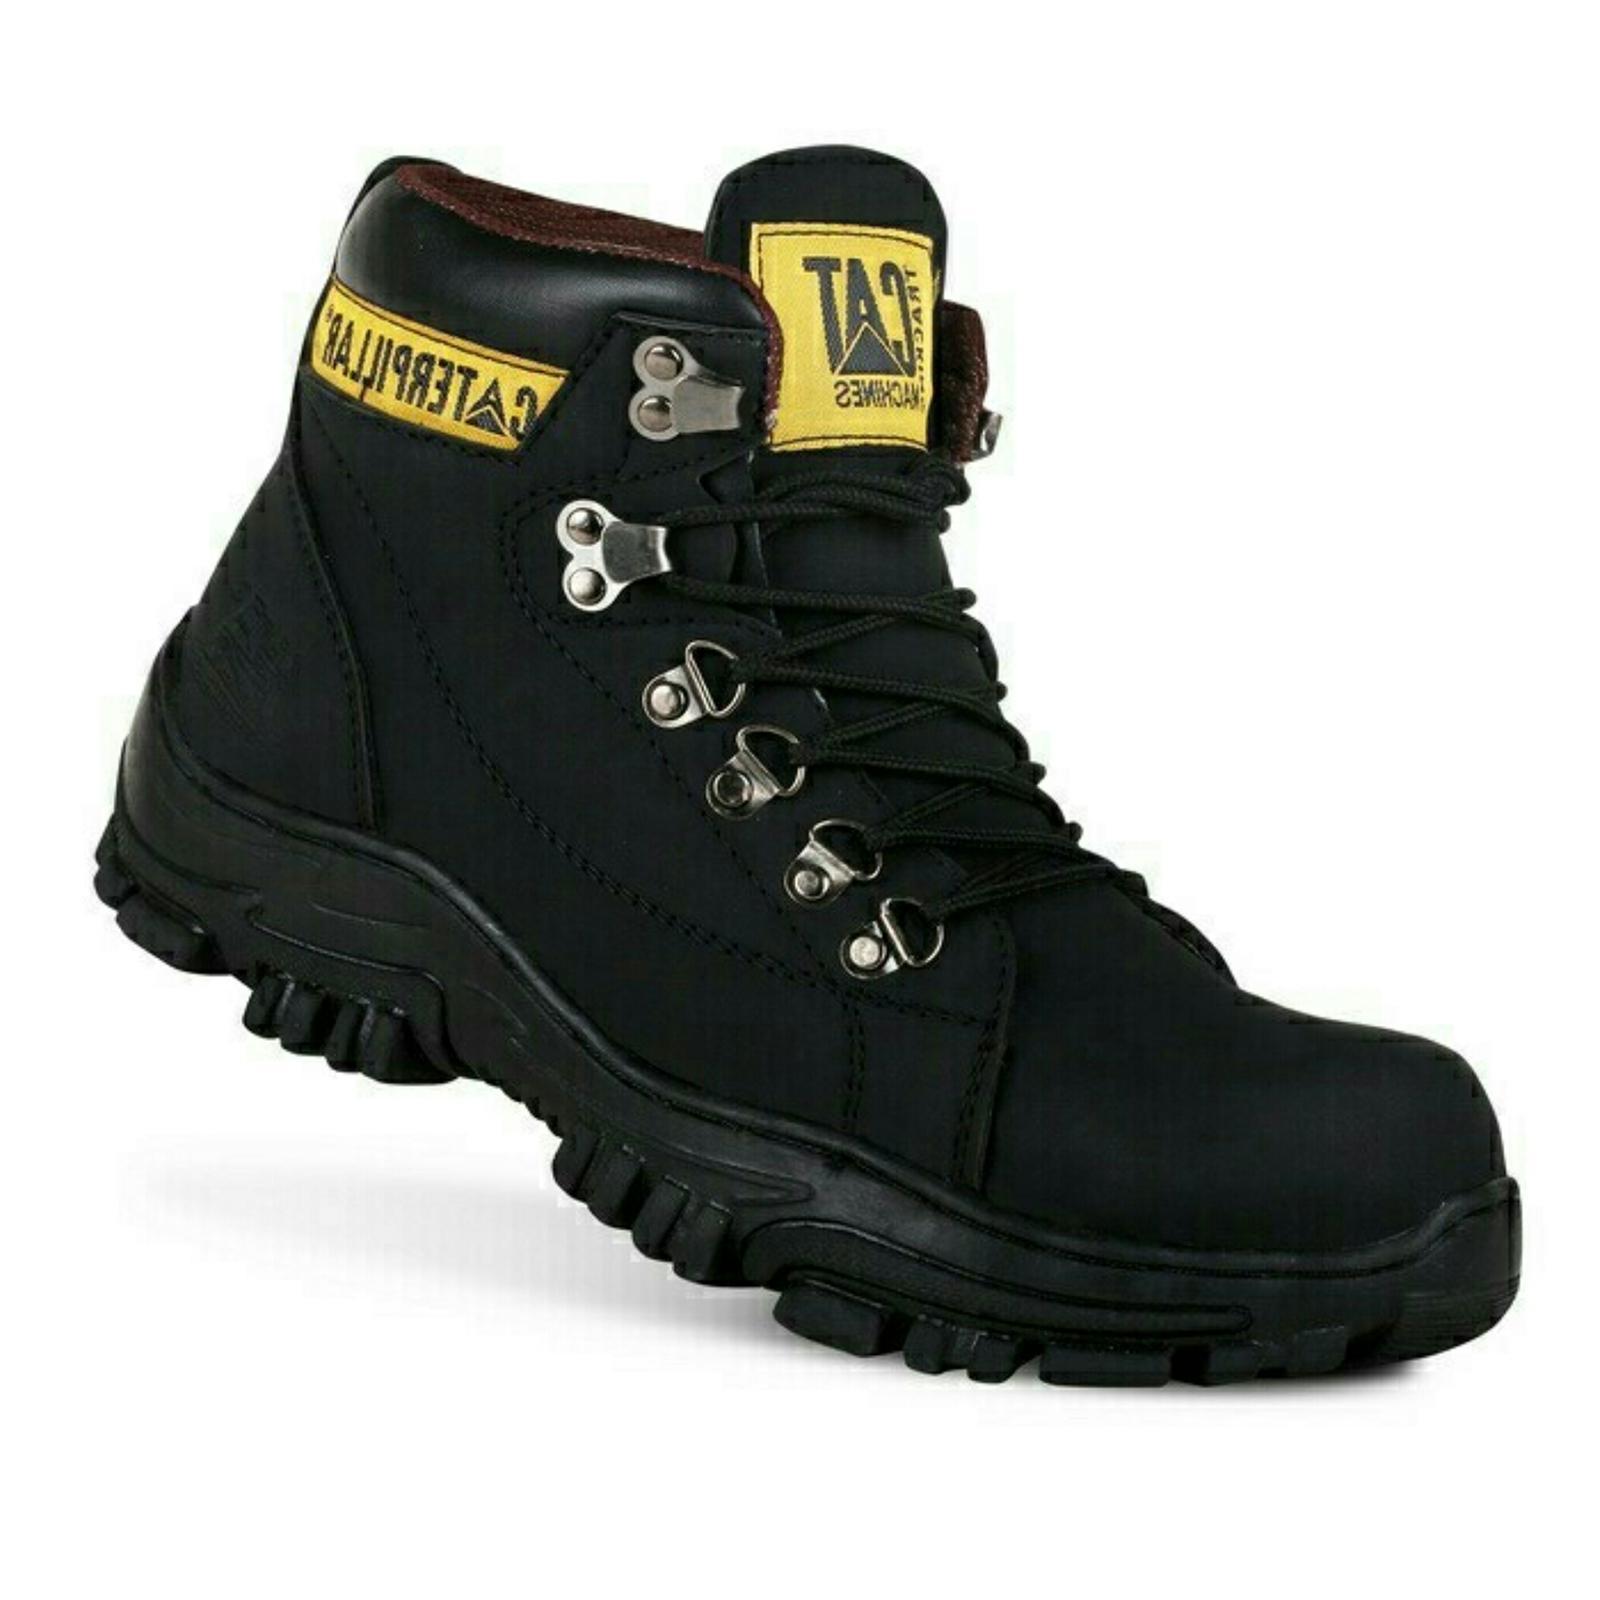 Sepatu Boots Pria Safety Caterpillar Hydraulic Ujung Besi Murah 6155de62b9